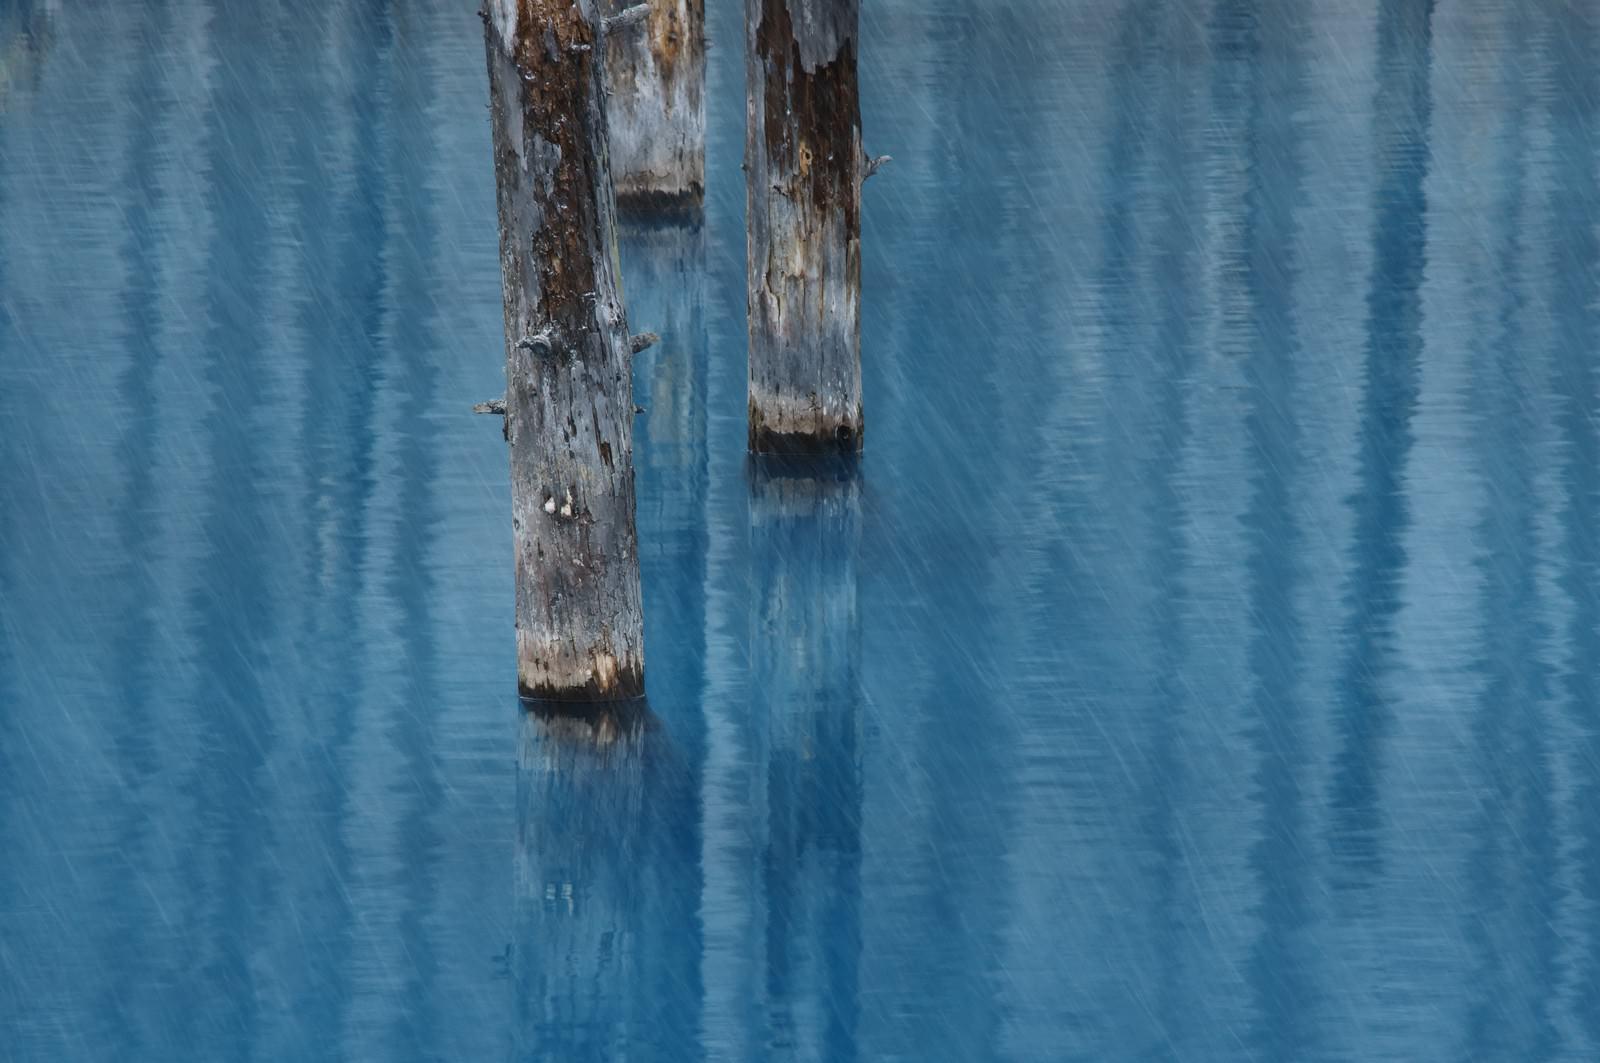 「雨が降る美瑛町白金の青い池雨が降る美瑛町白金の青い池」のフリー写真素材を拡大